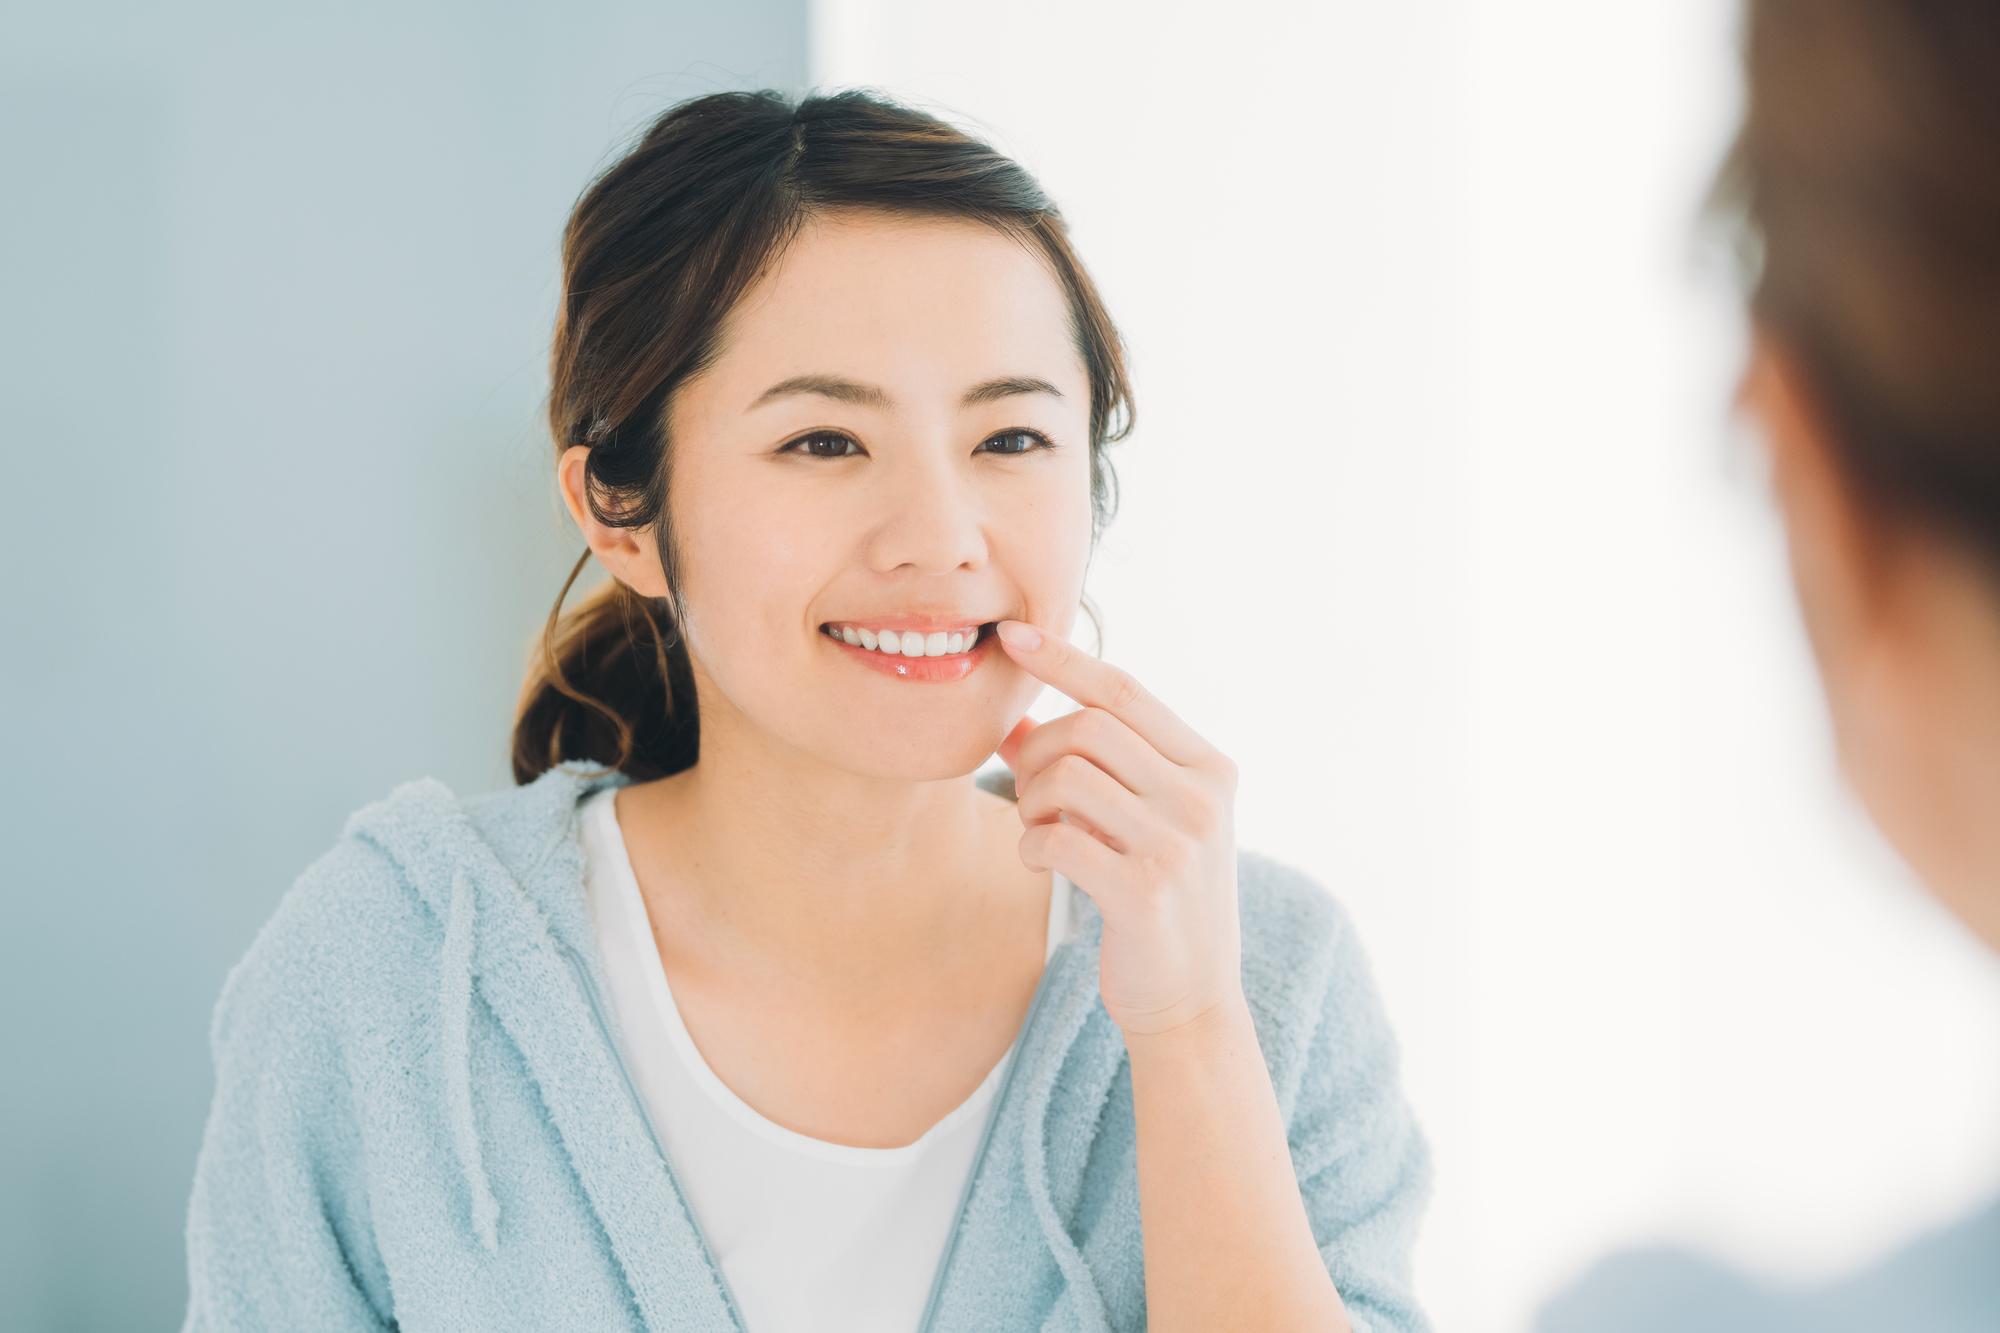 保険 適用 セレック 医療費控除について 西新宿歯科クリニック セレック・インプラント 相談受付中